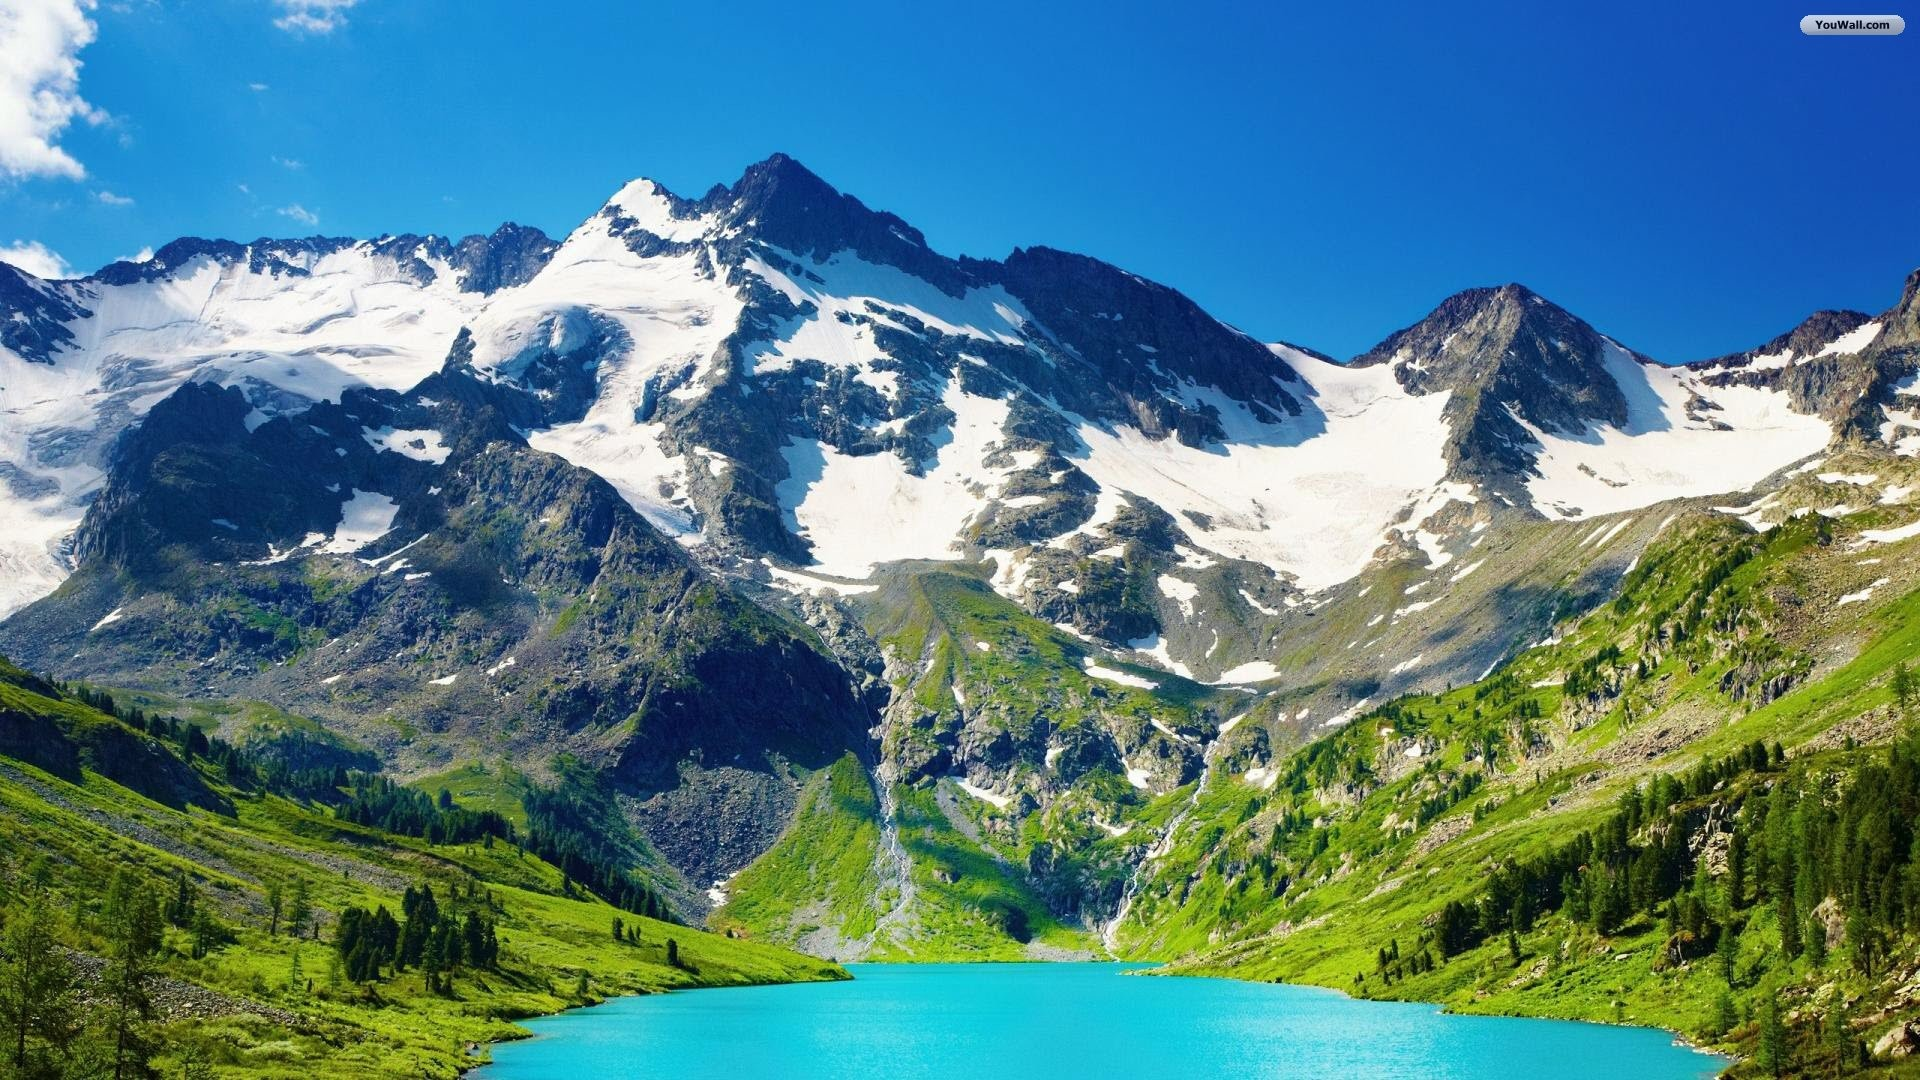 Mountain Blue Lake Wallpaper